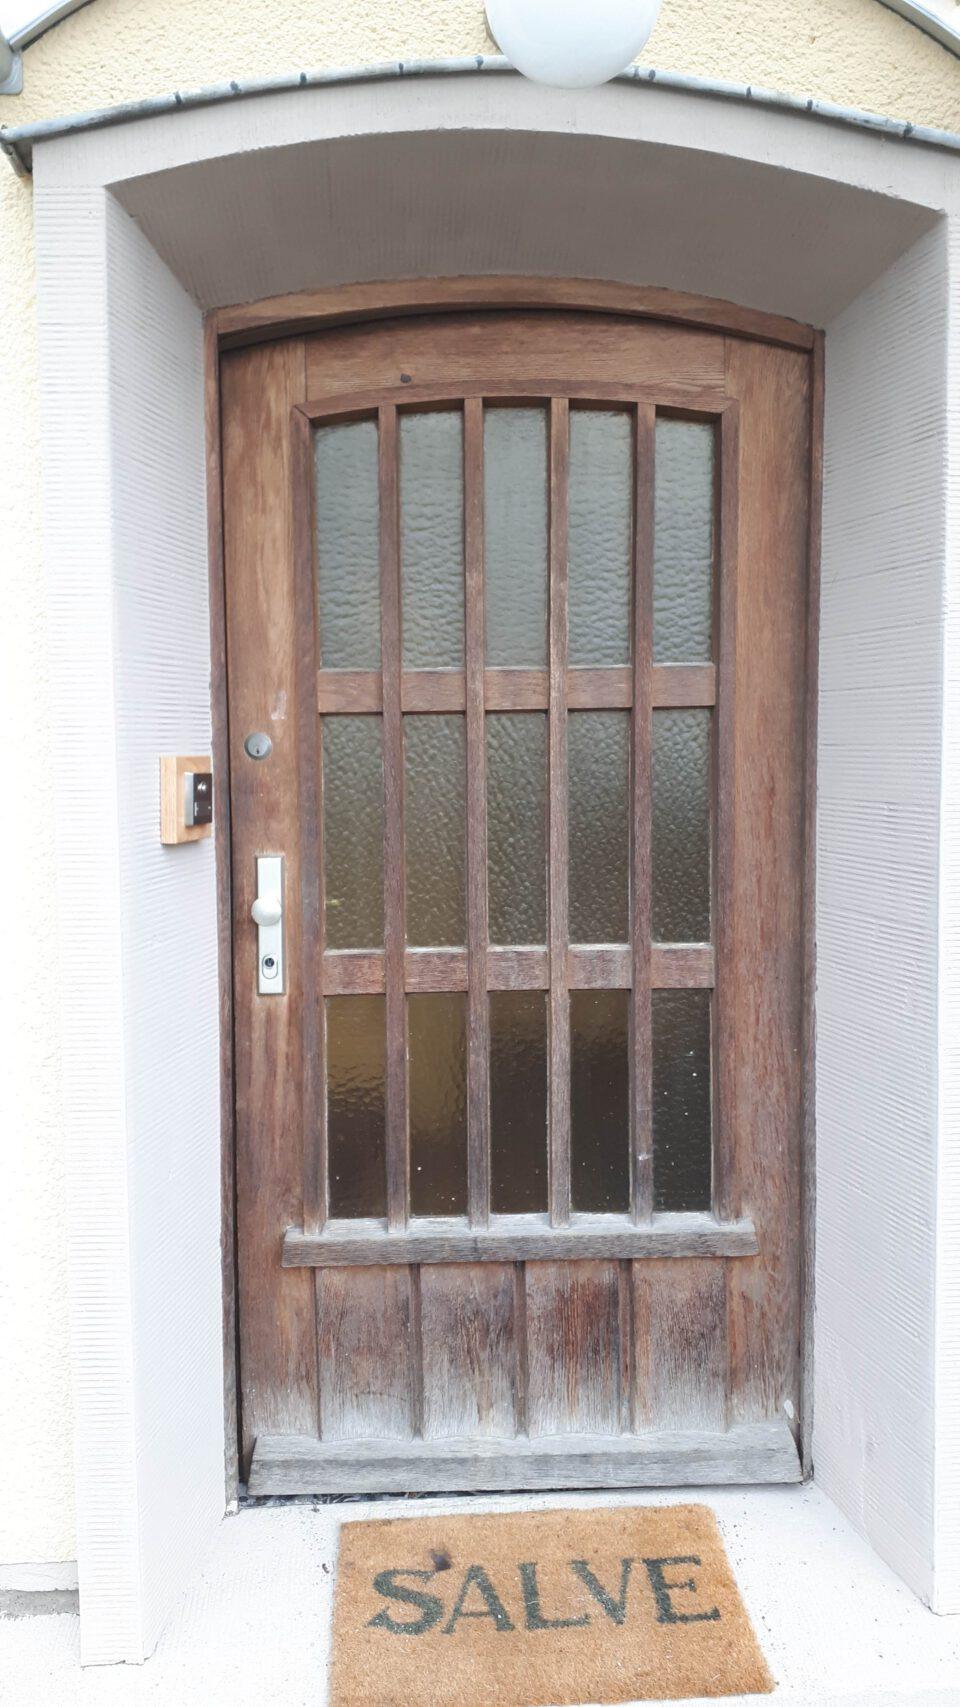 Die alte Haustür sanieren zu wollen war ein ehrgeiziges Projekt, das einen großen Zeiteinsatz erforderte.